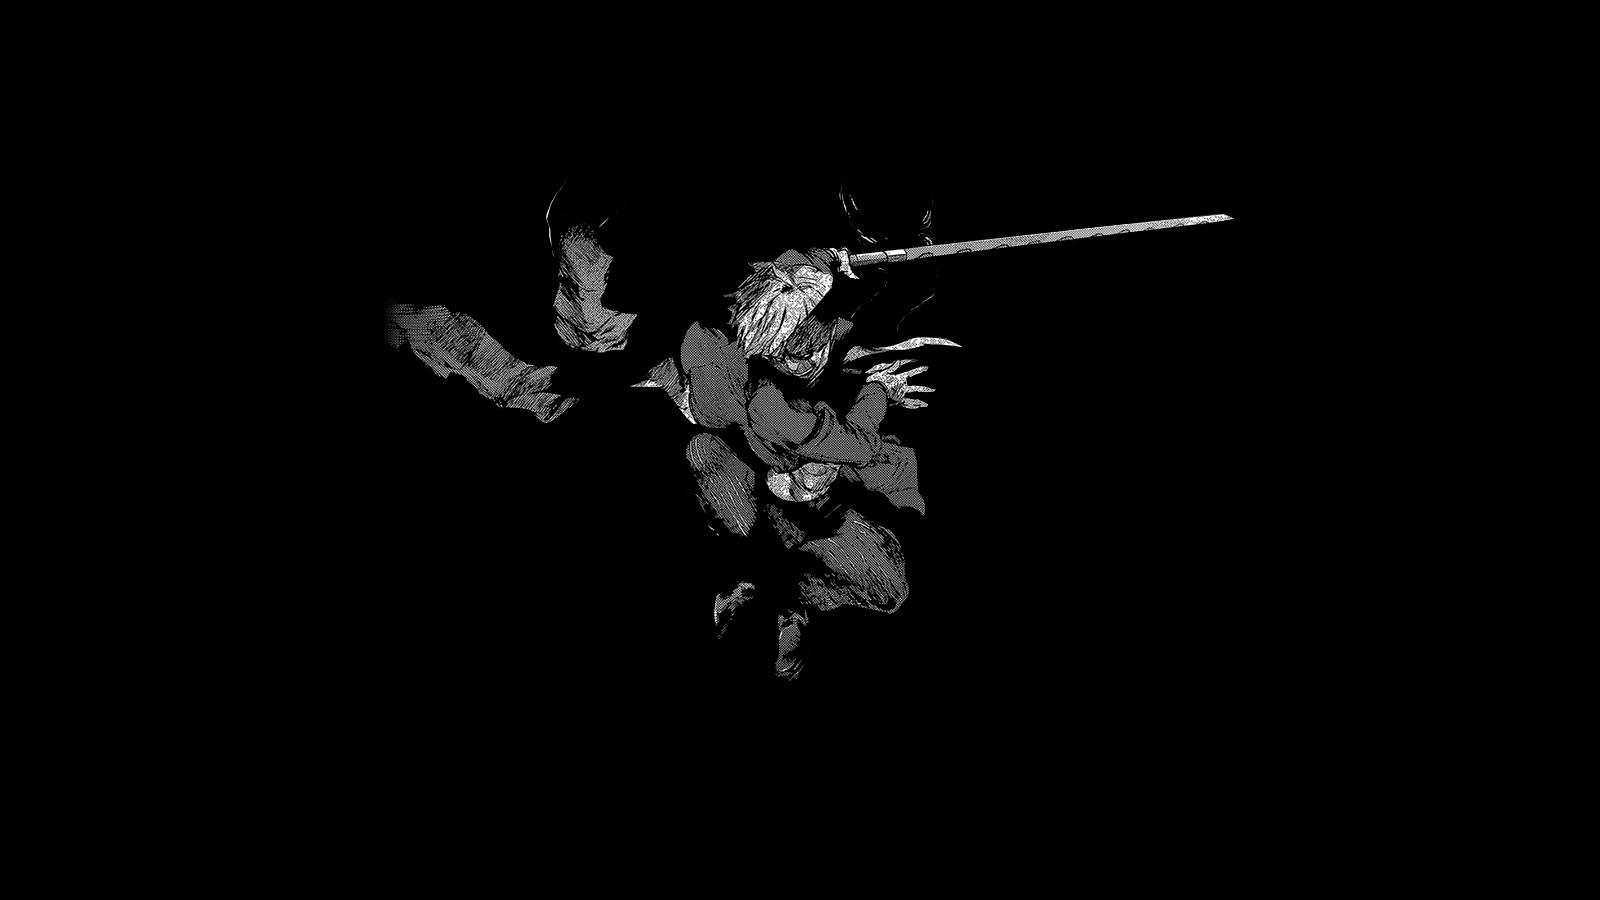 Wallpaper 1600x900 px anime artwork black kaneki ken 1600x900 wallhaven 1244945 hd - Ken hd wallpaper ...